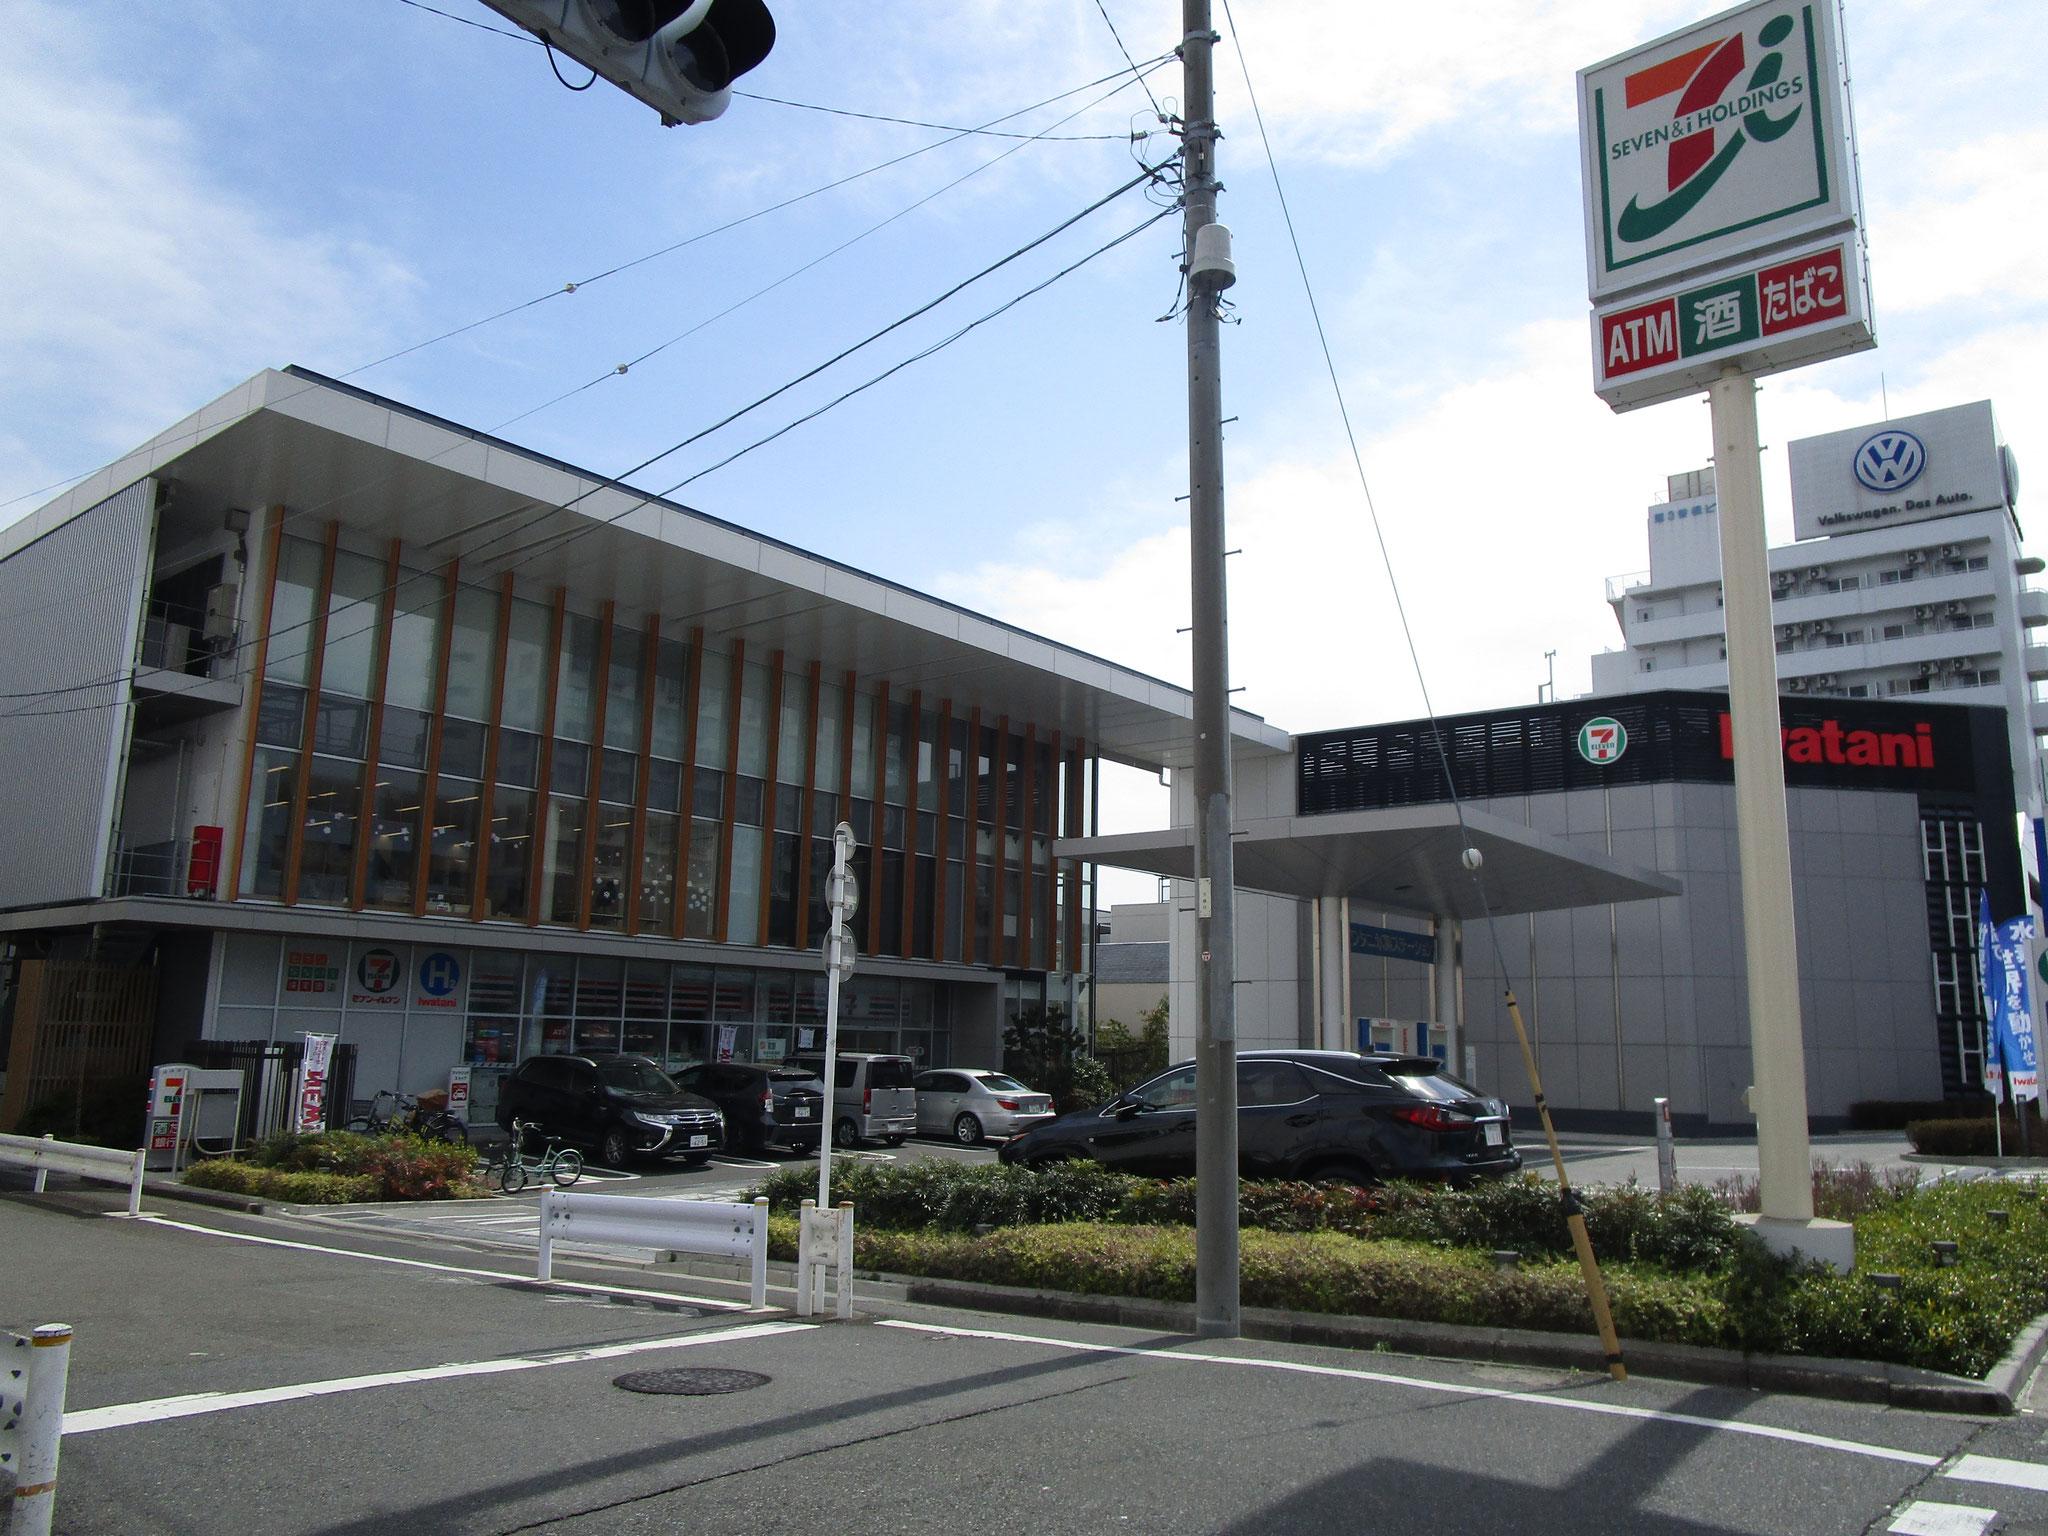 マンション南西方向の、第二京浜に出る角にあるコンビニ